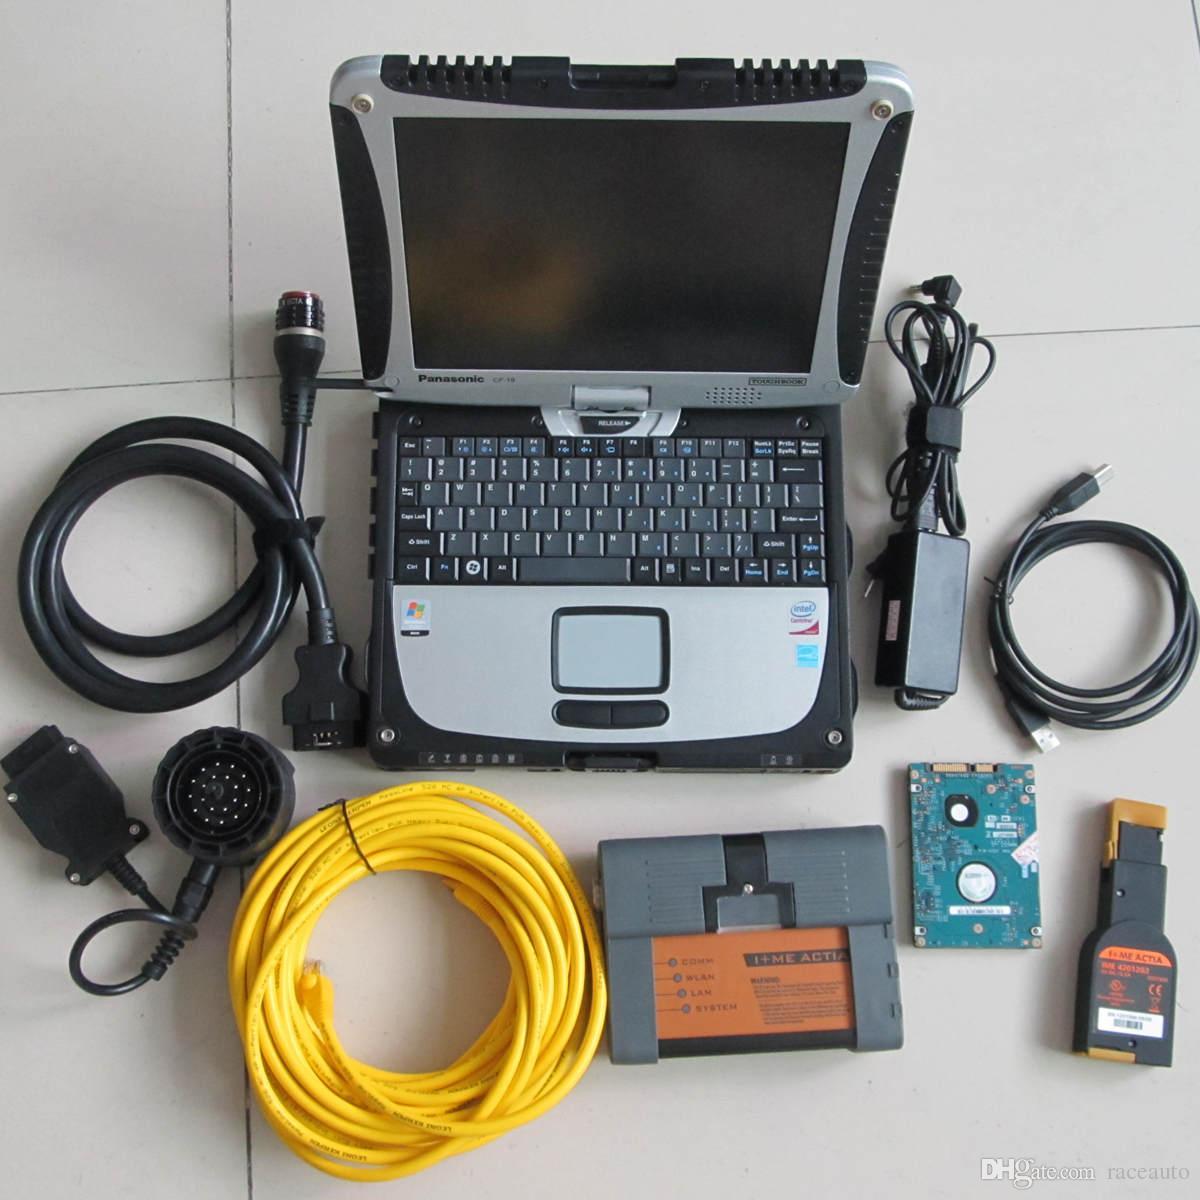 Para BMW ICOM A2 B C Ferramenta de Diagnóstico de Programação Mais Recente de software em CF-19 i5 4g laptop pronto para uso